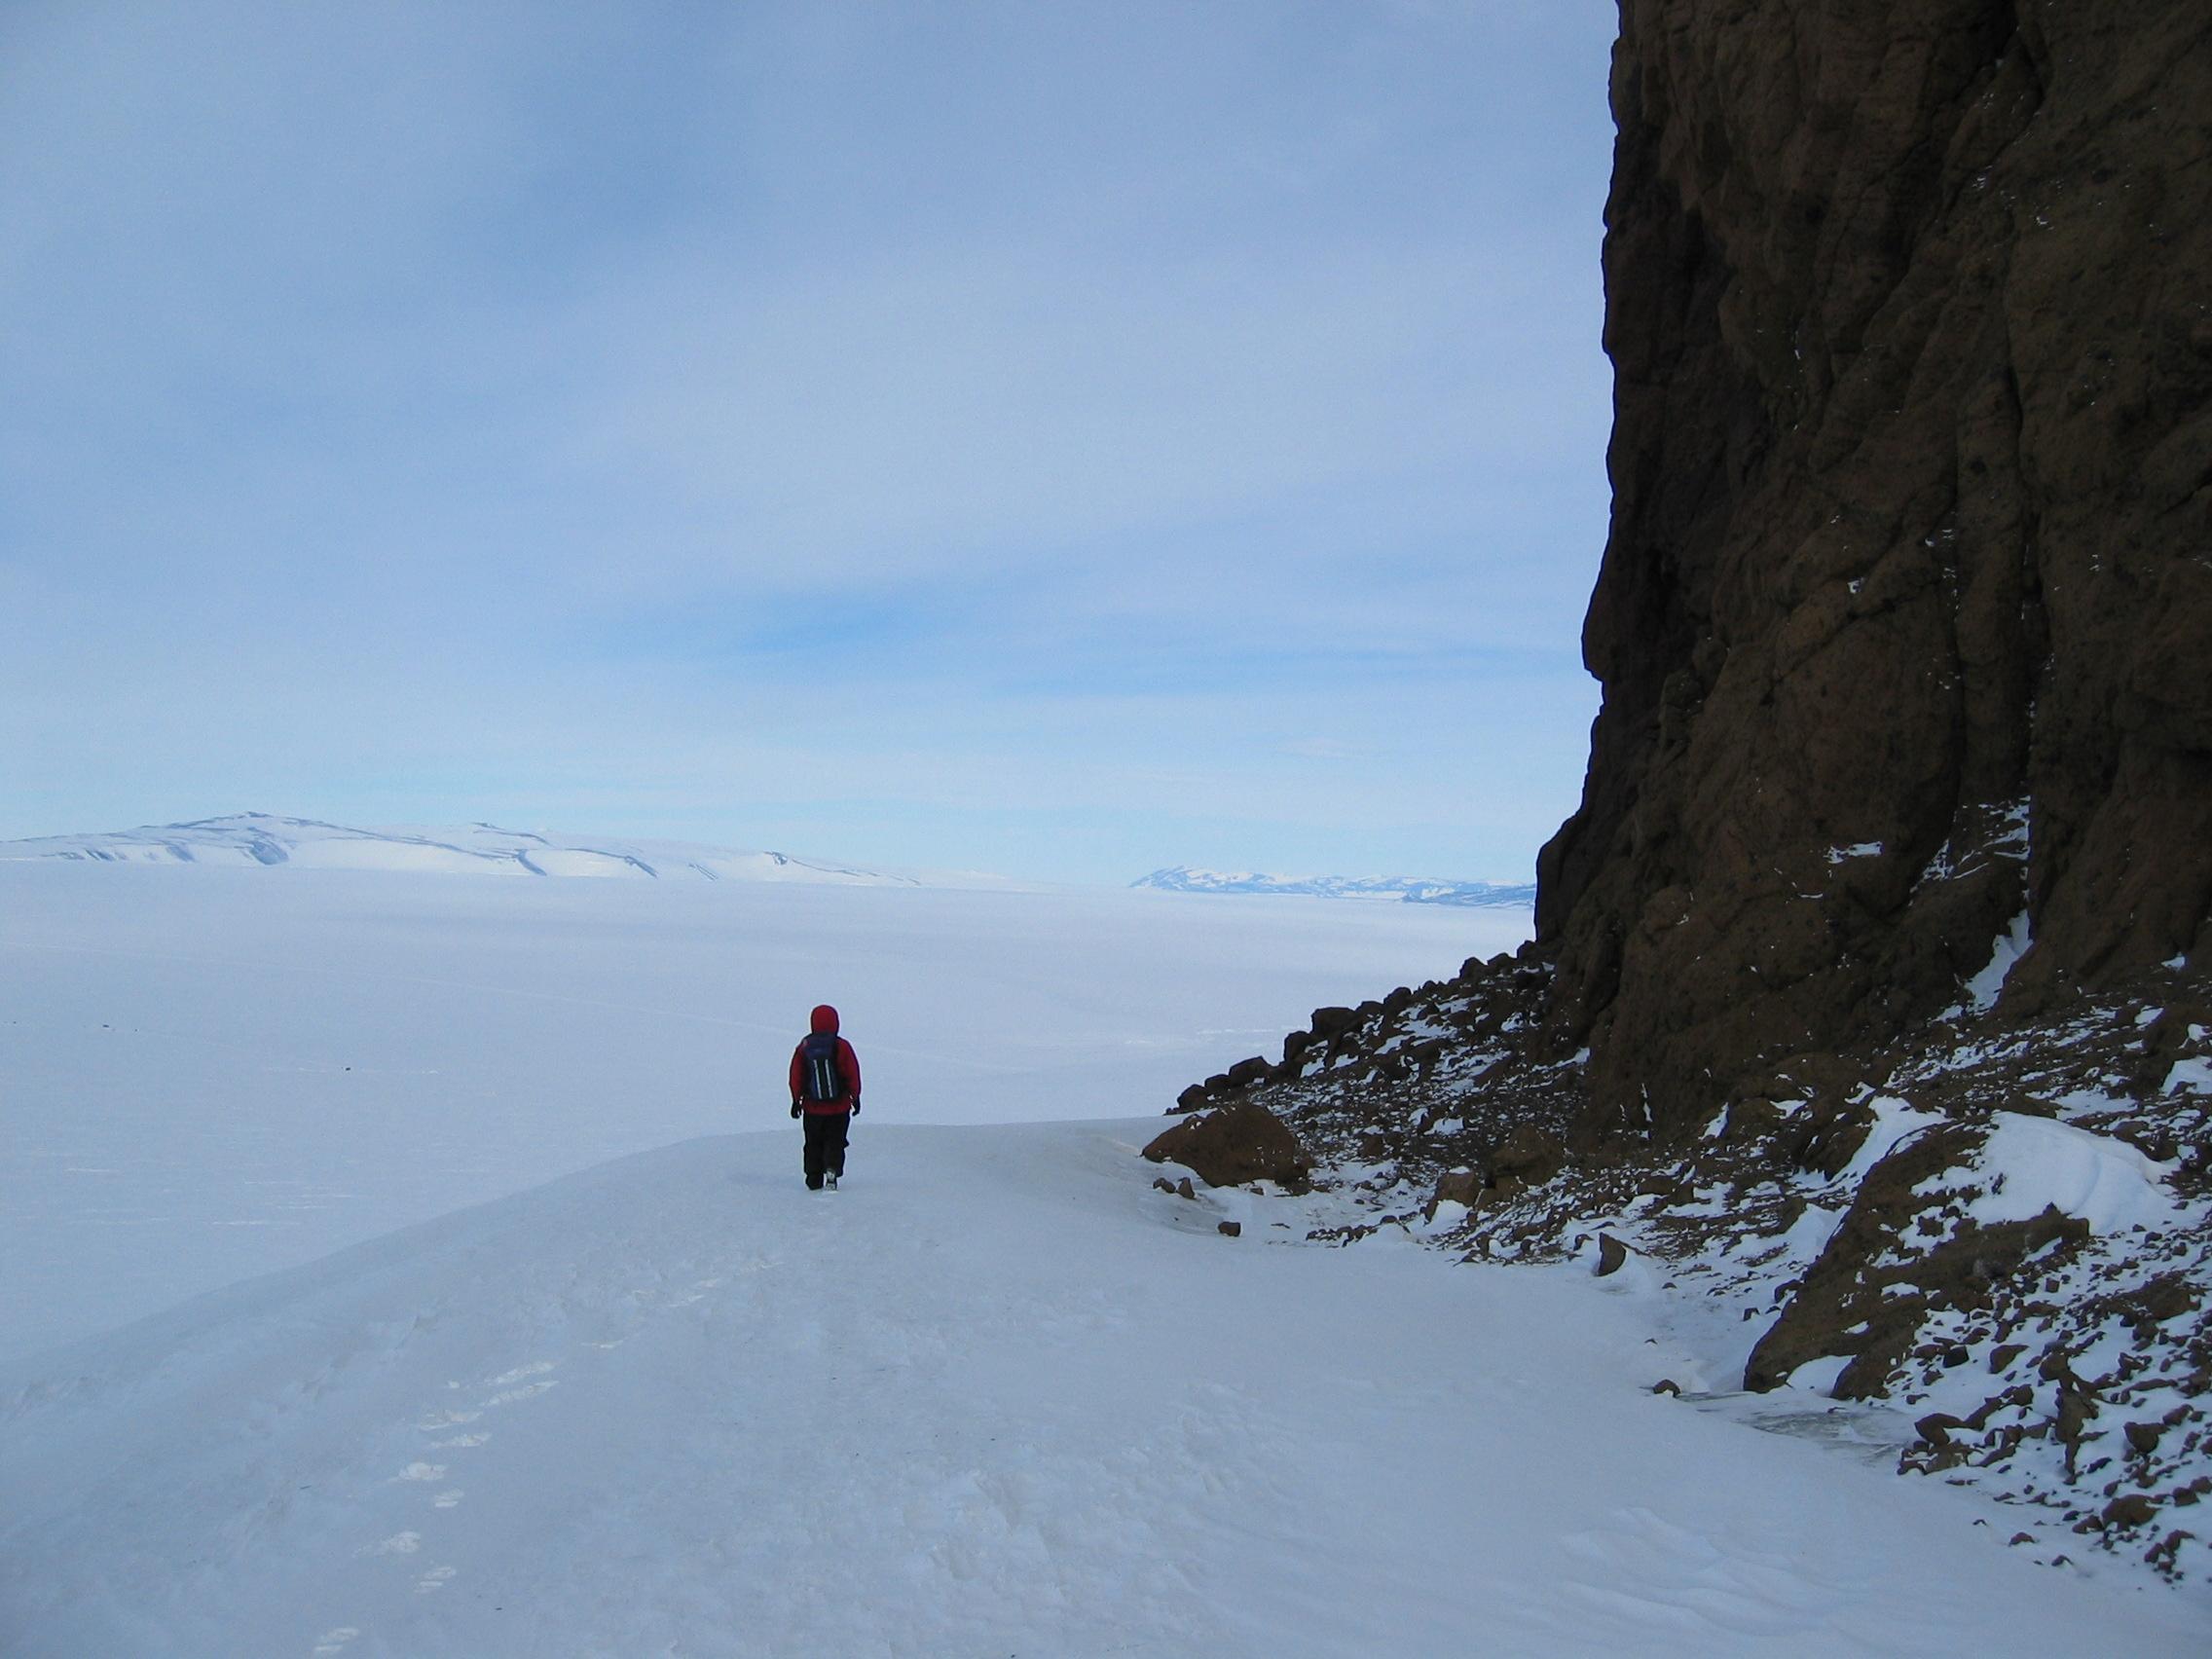 Antarctica 2003-04 Siple Coast